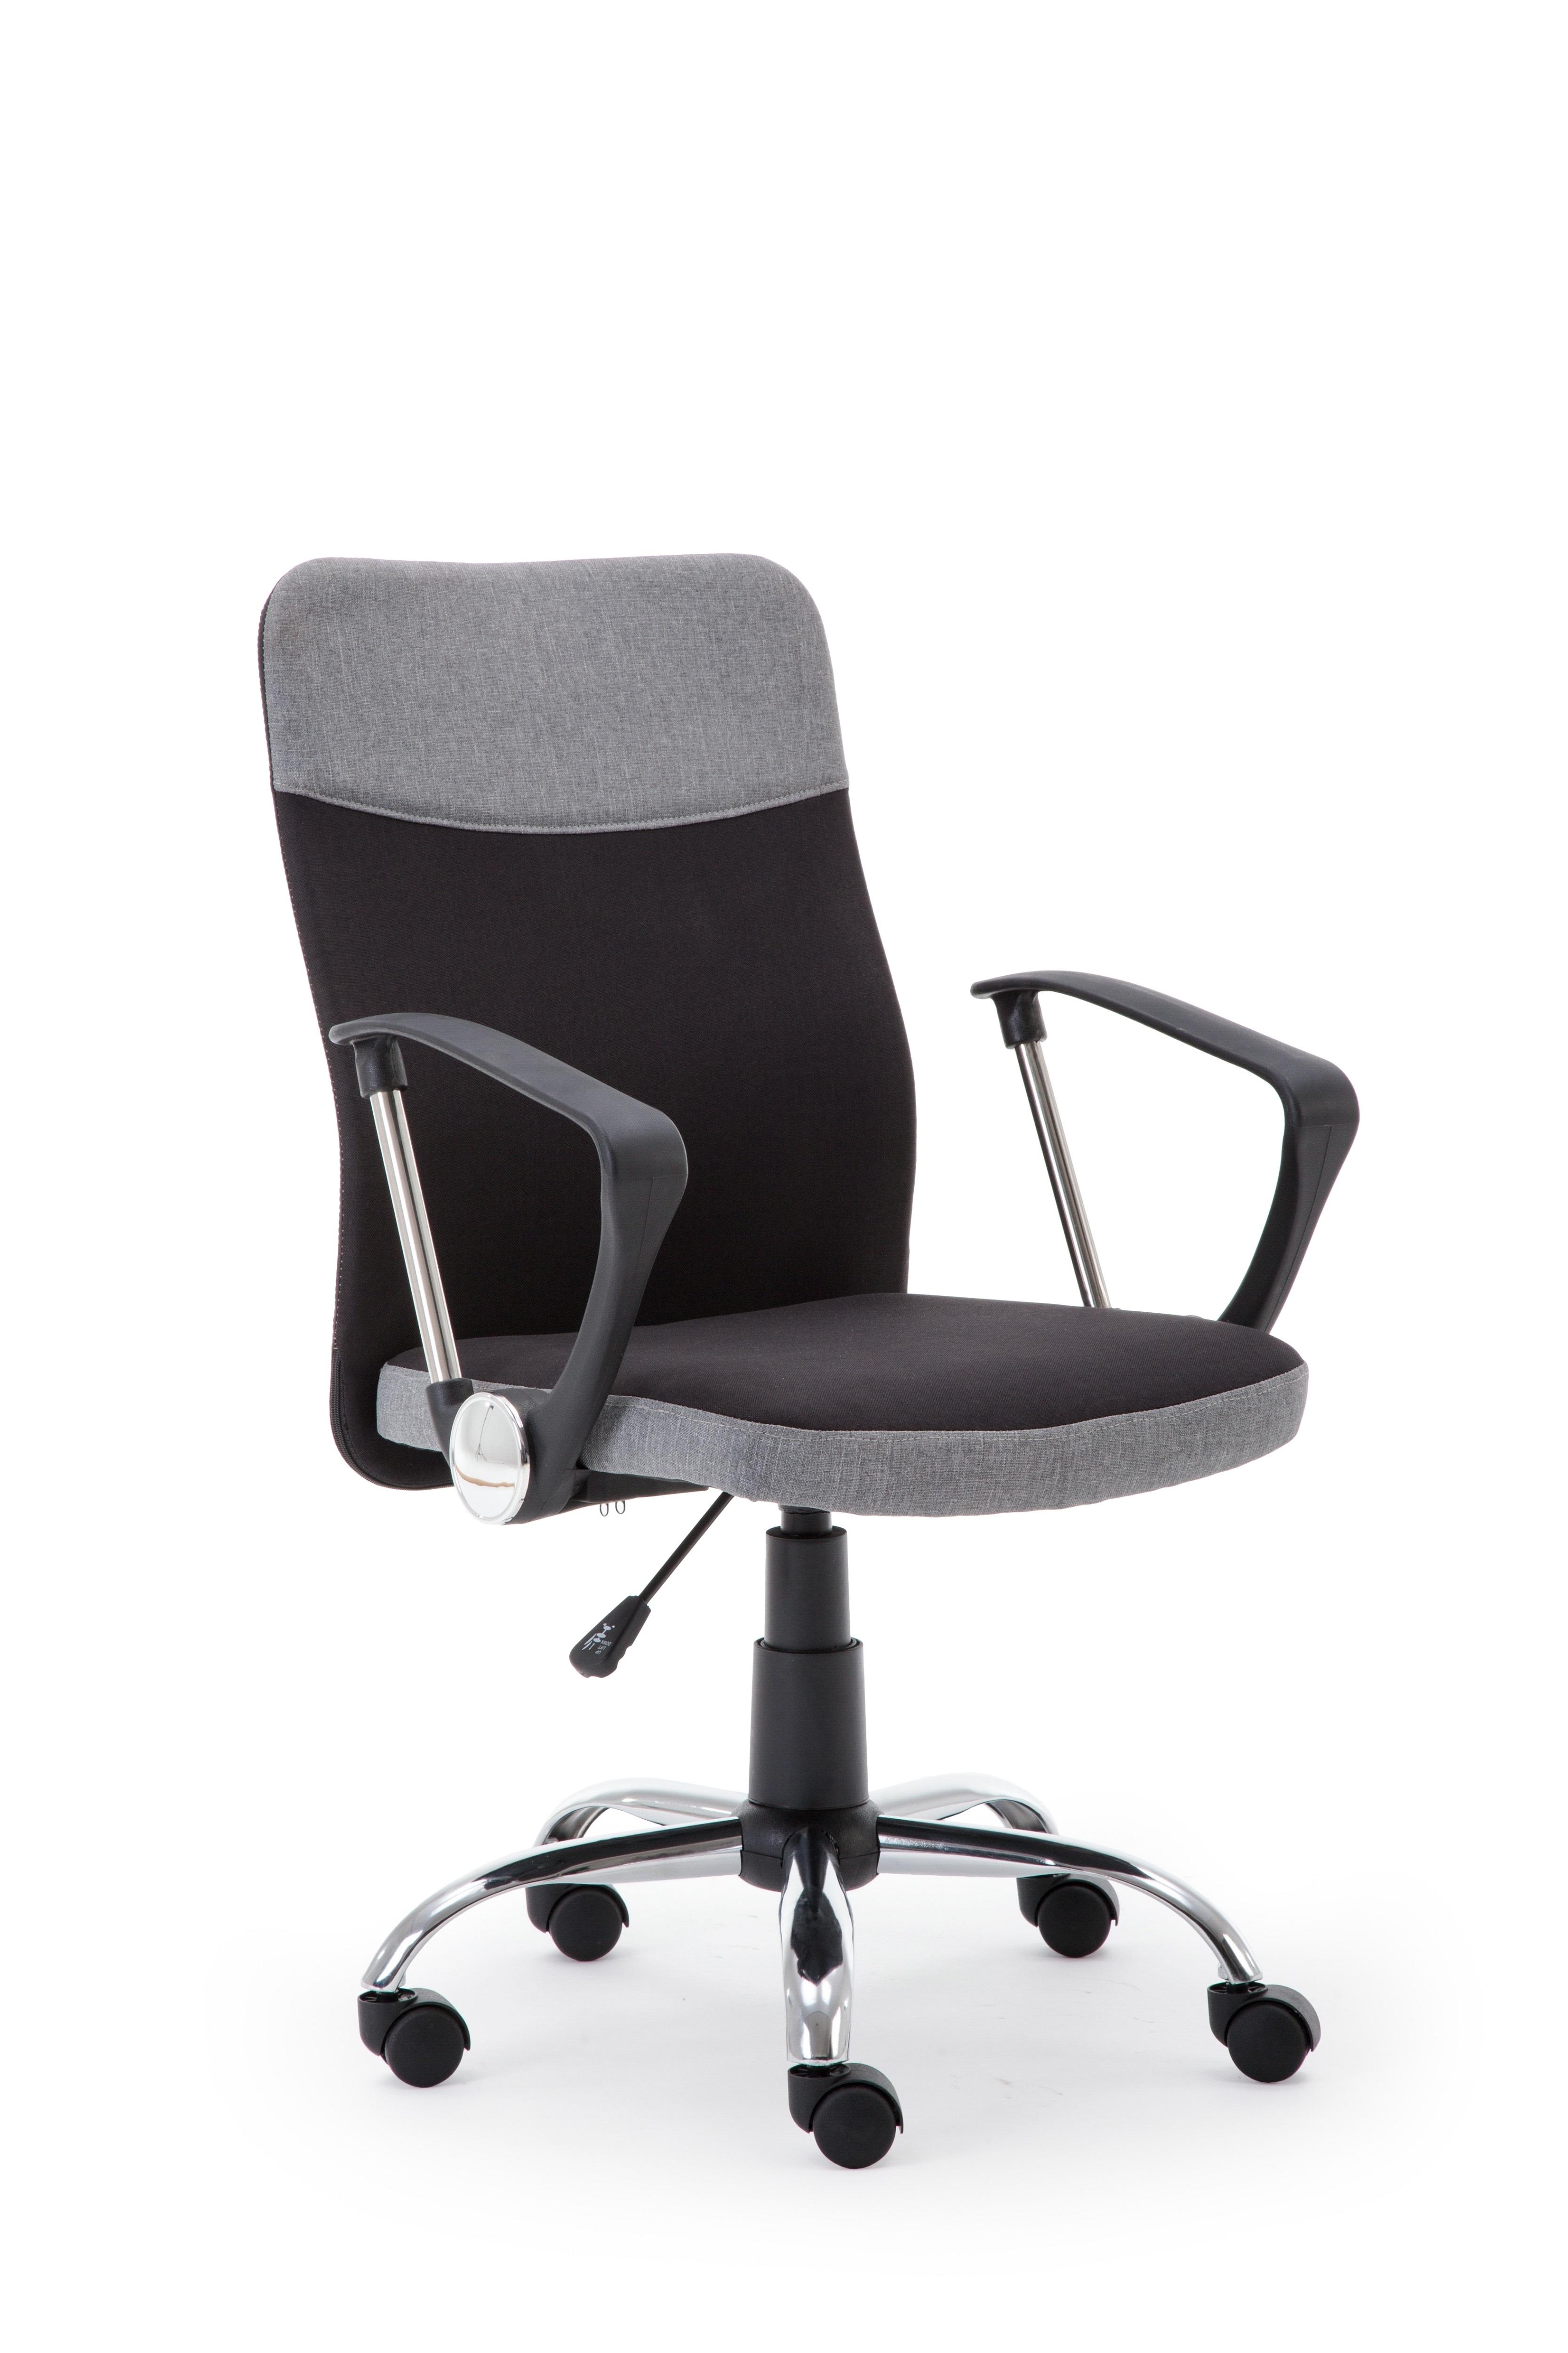 Scaun de birou ergonomic Topic Black / Grey, l57xA60xH94-104 cm